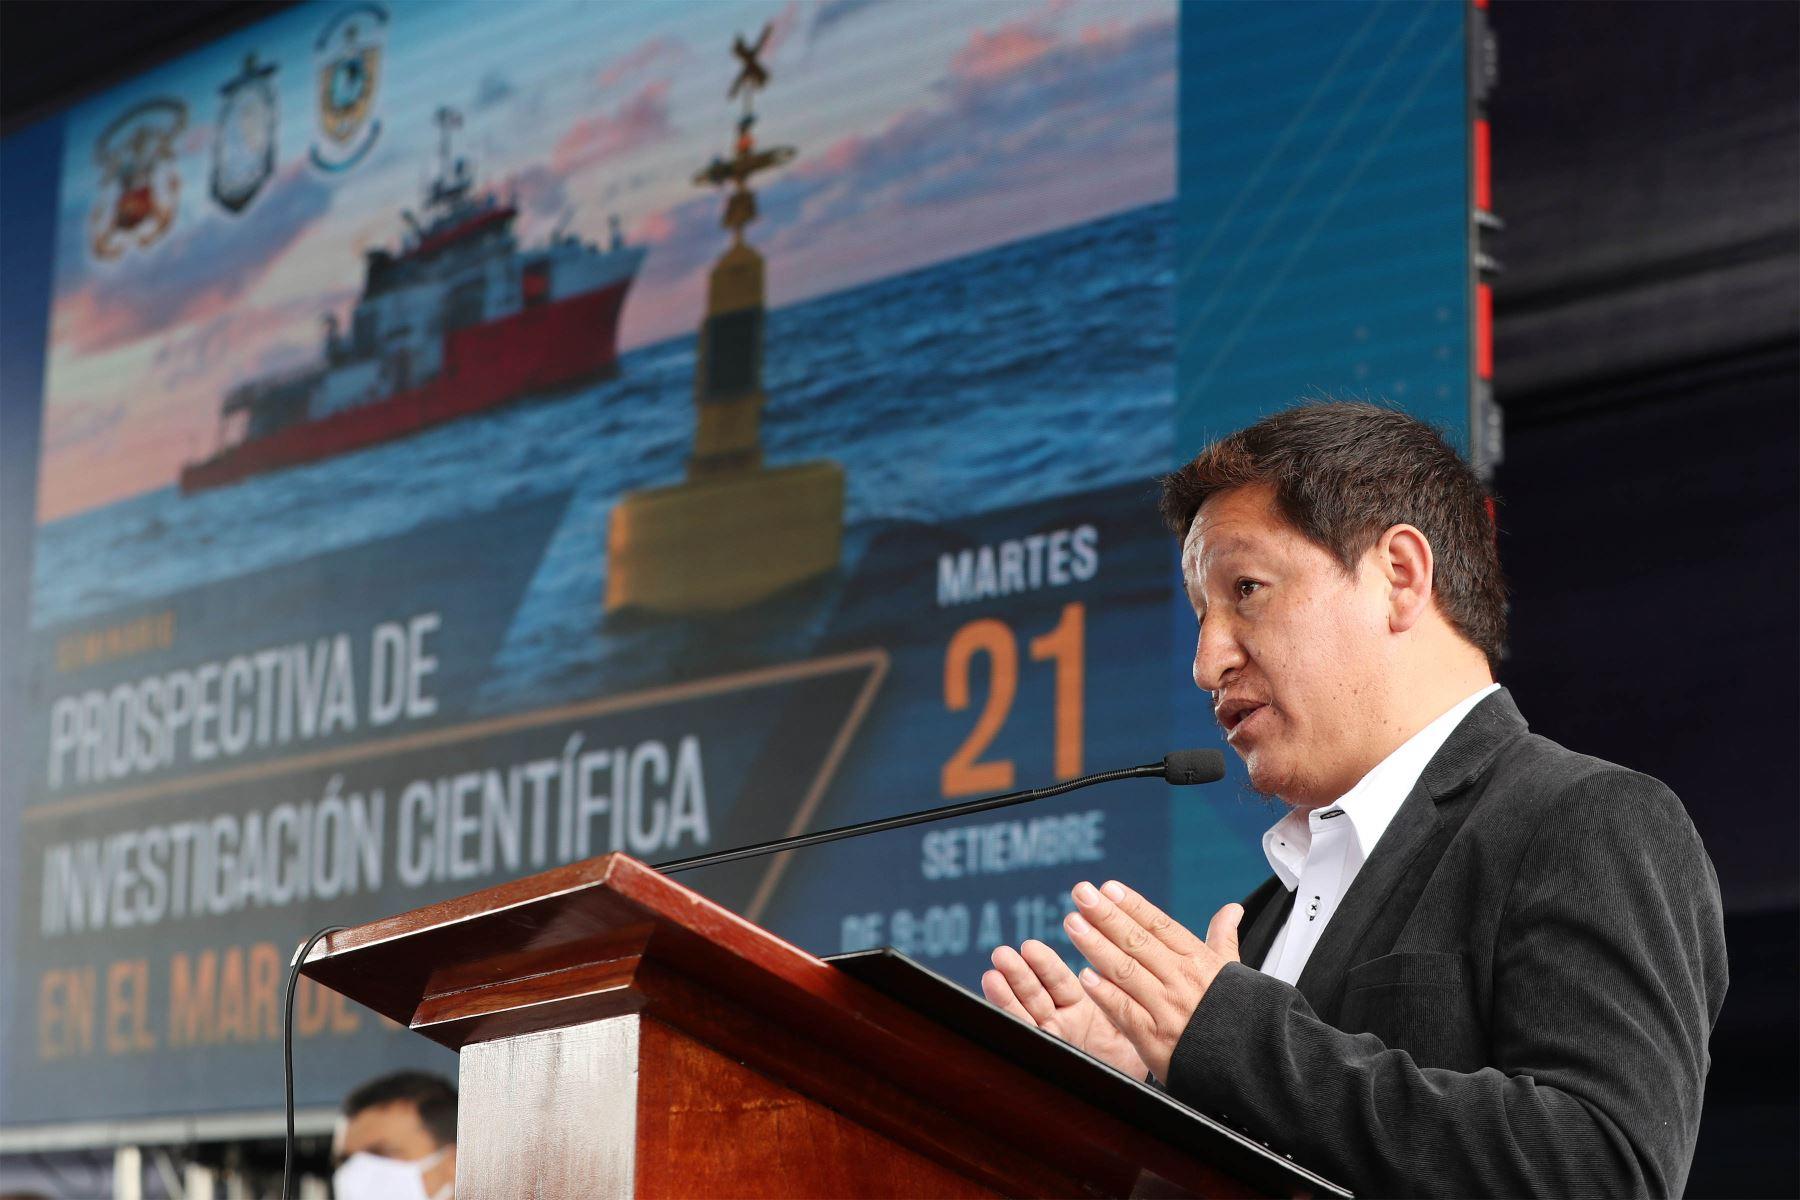 """El presidente del Consejo de Ministros, Guido Bellido, junto a ministros del sector Defensa y Ambiente, participa en la inauguración del seminario """"Prospectiva de Investigación Científica en el Mar de Grau"""", organizado por la Marina de Guerra del Perú , a través de la Dirección de Hidrografía y Navegación. Foto: PCM"""